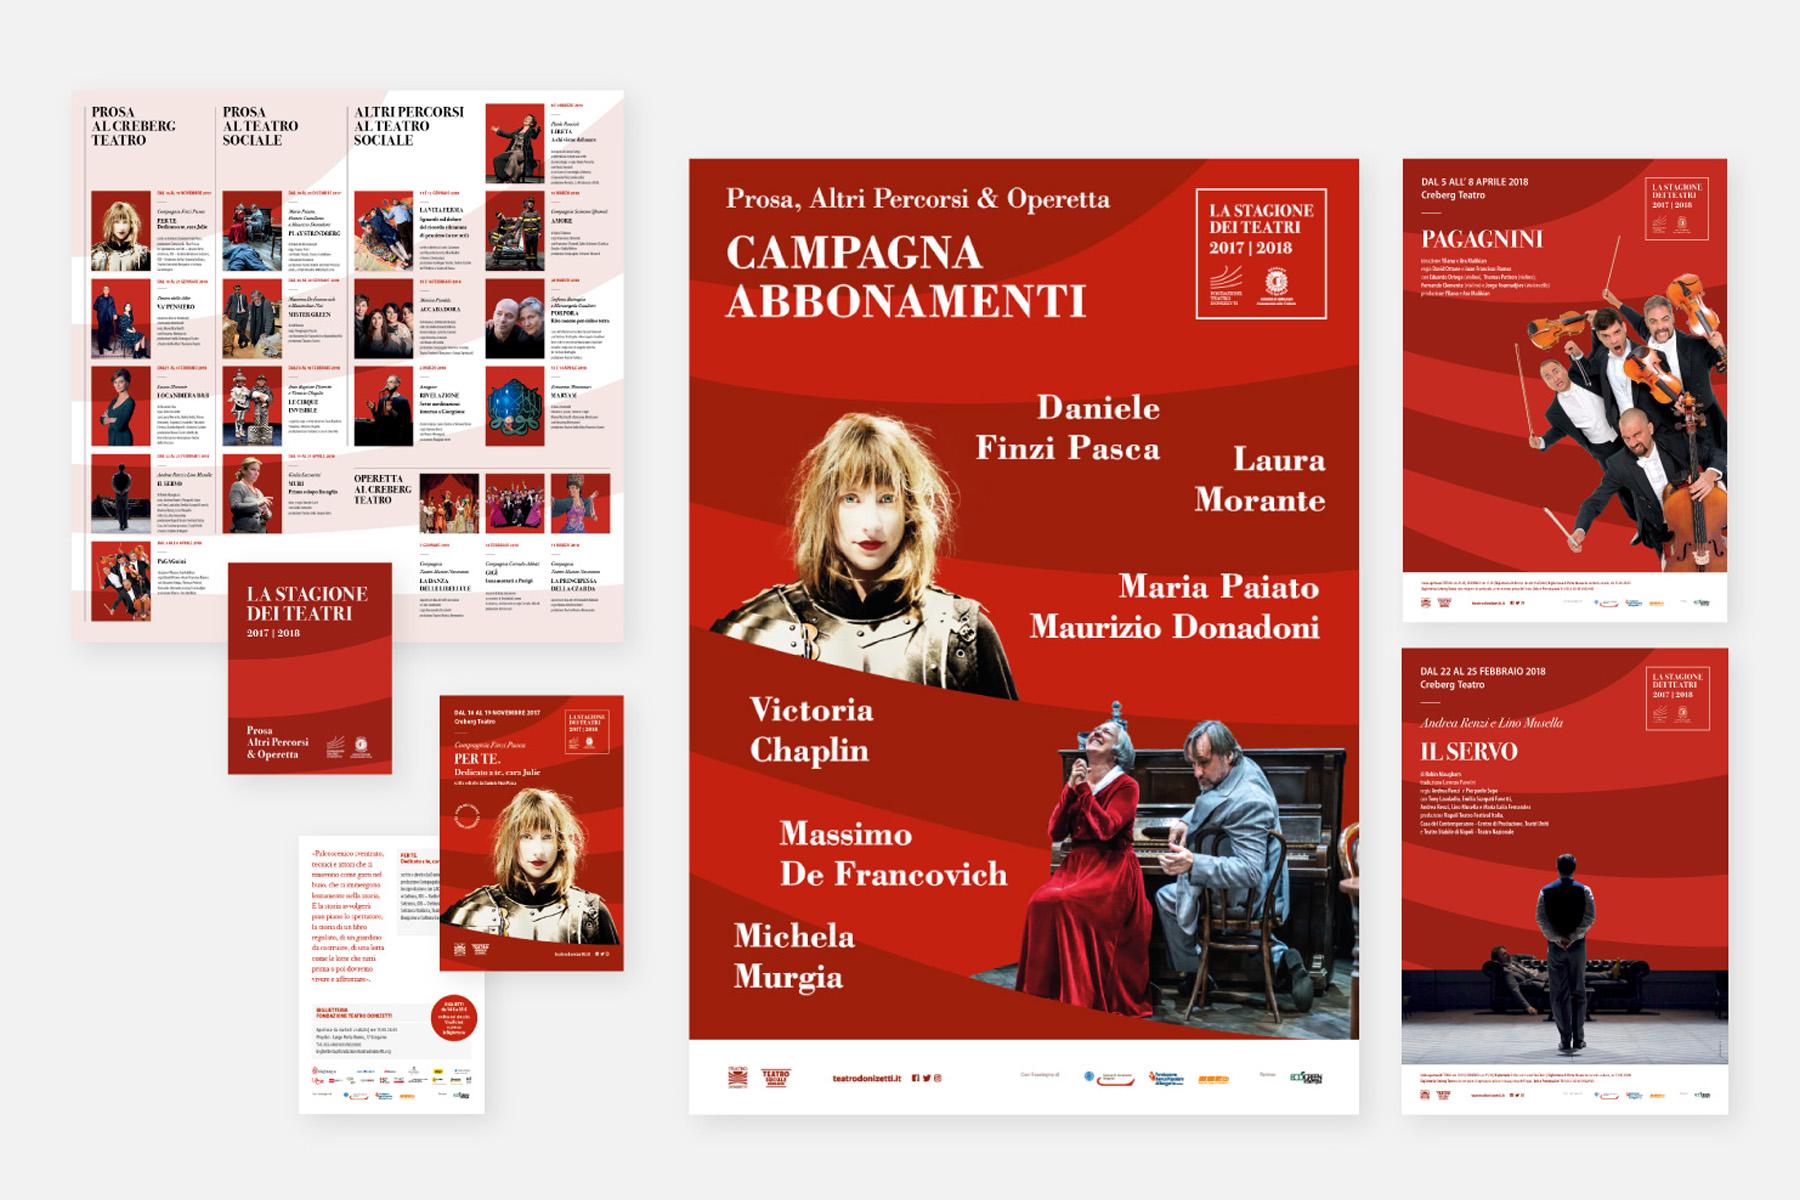 teatro_donizetti_campagnaabbonamenti_1800x1200